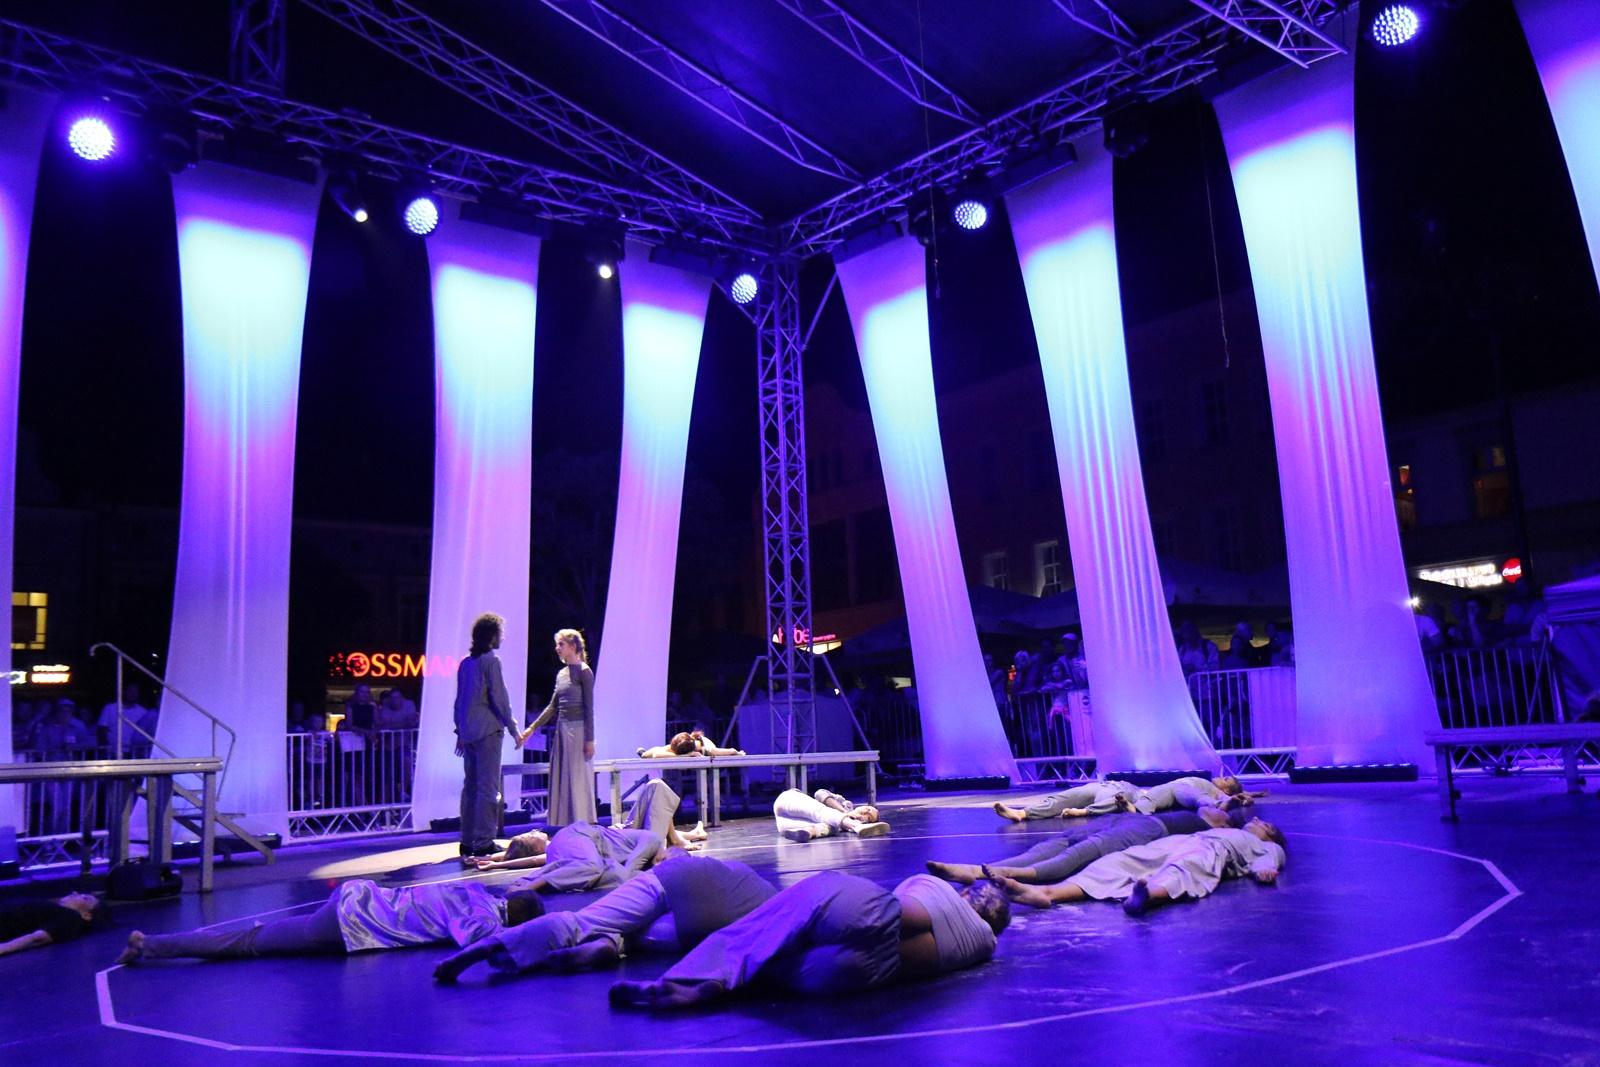 Scenografia podczas spektaklu SHADES, wyrezyserowanym przez Marjon van Grunsven, w projekcie skoordynowanym przez Wojciech Chowaniec.